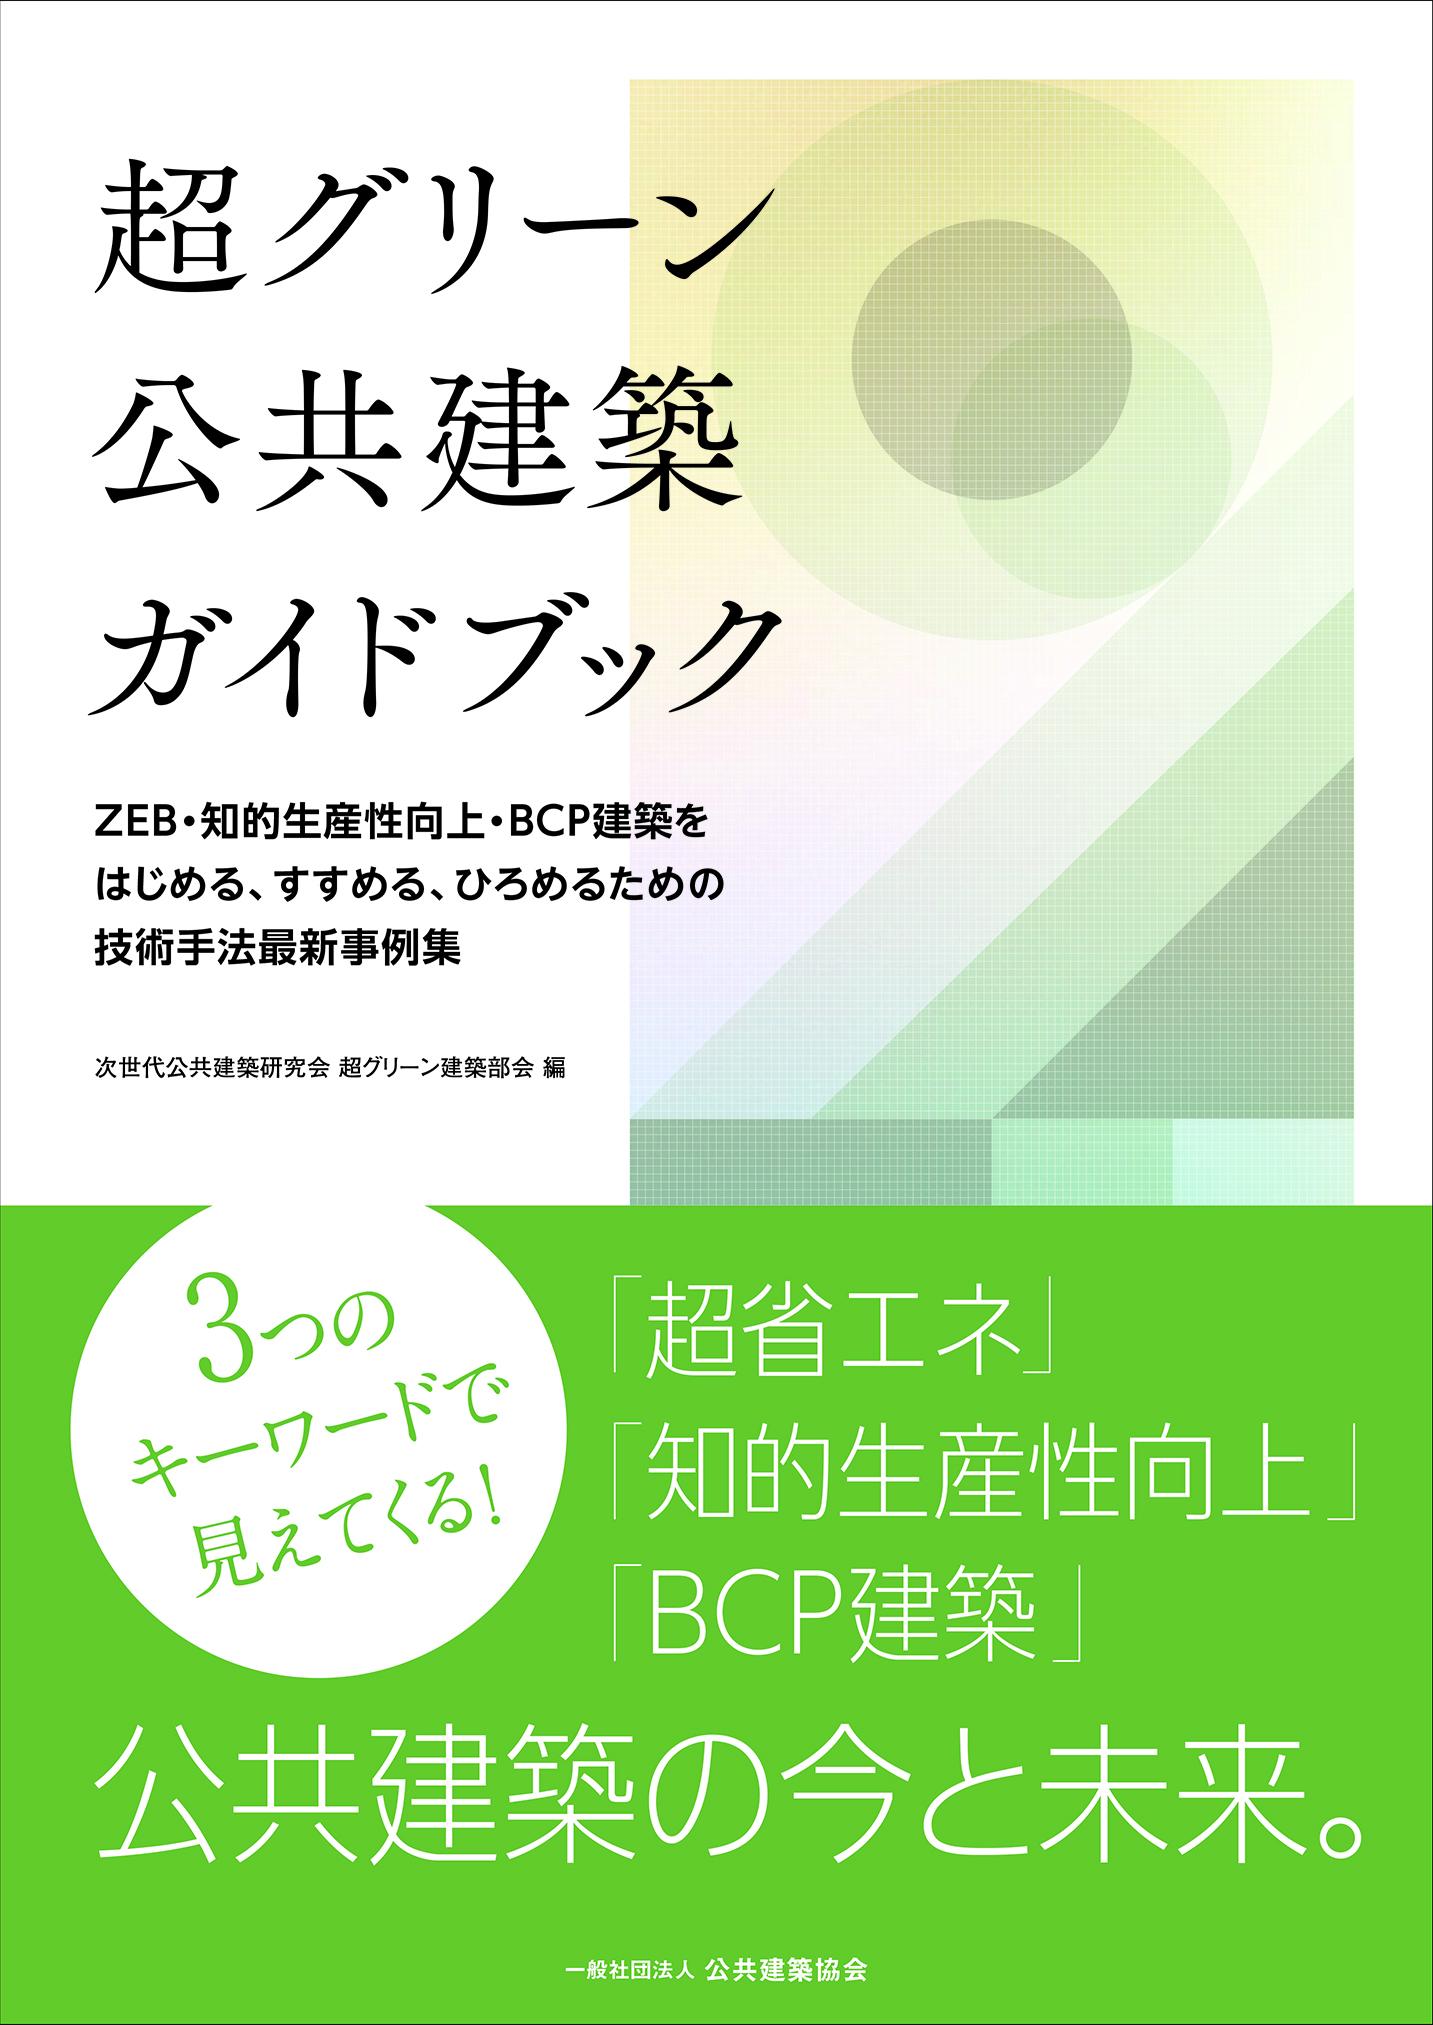 『超グリーン公共建築ガイドブック』ーZEB・知的生産性向上・BCP建築をはじめる、すすめる、ひろめるための技術手法・最新事例集